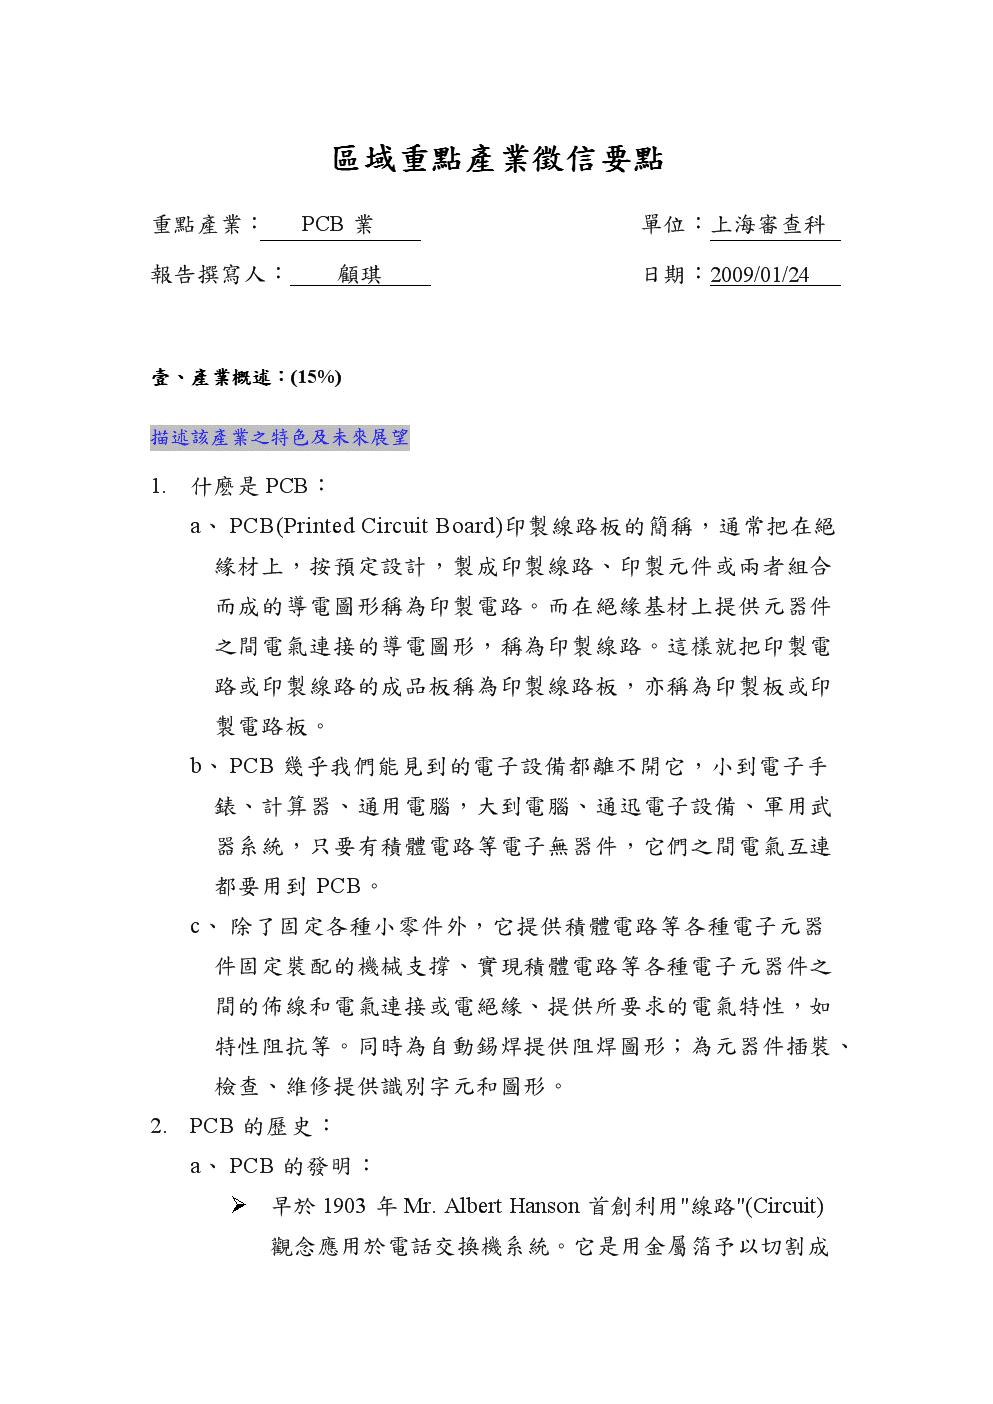 区域重点产业征信要点-PCB业.doc